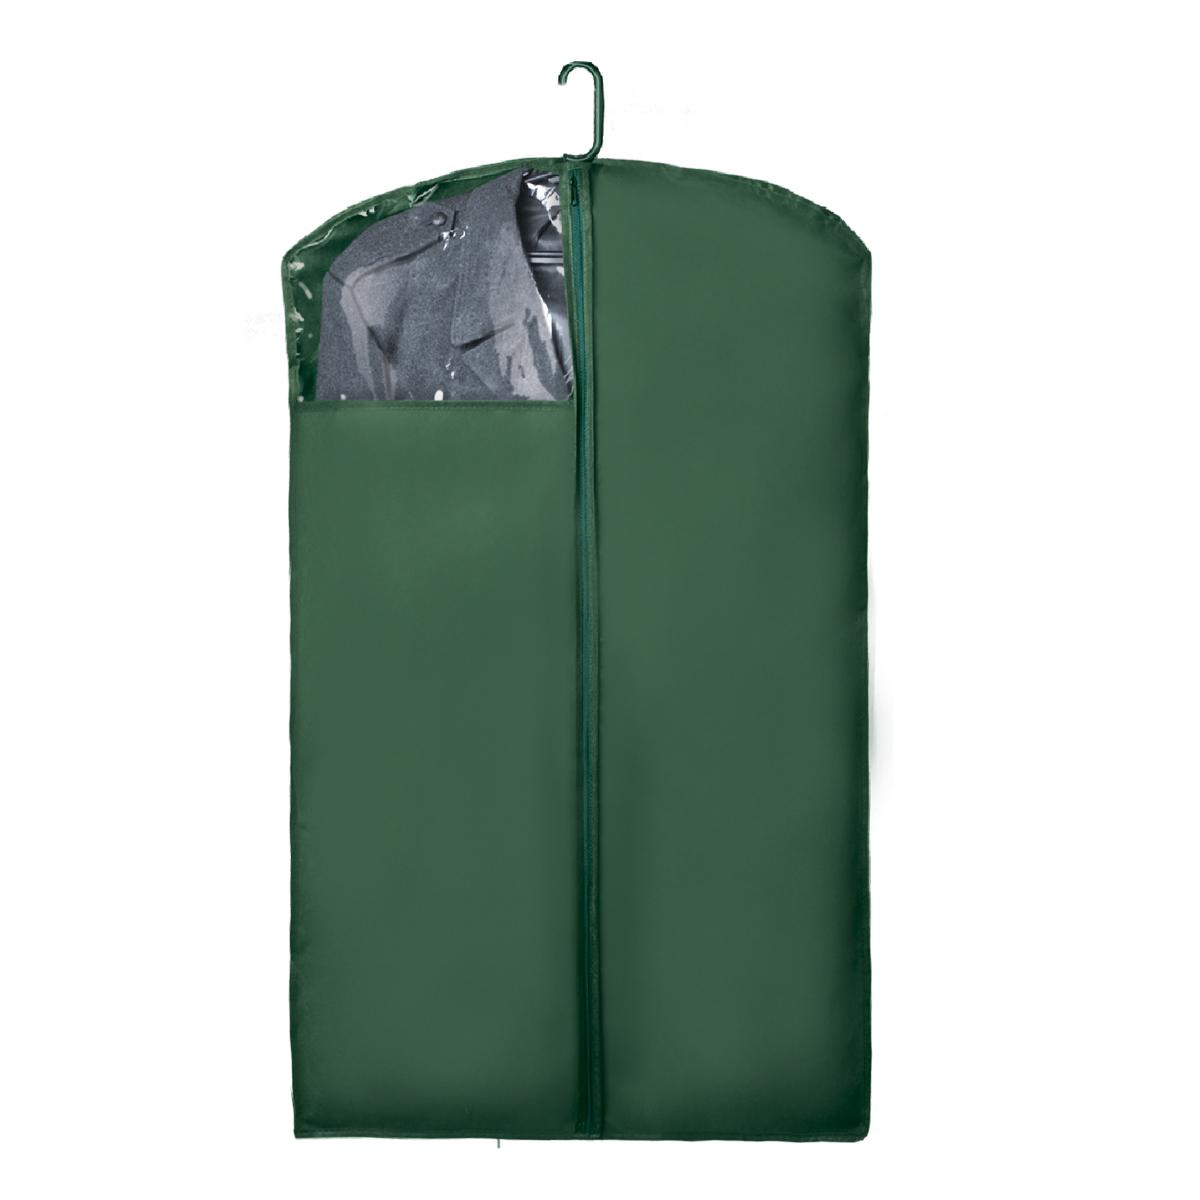 Чехол для верхней одежды Miolla, с окошком, цвет: темно-зеленый, 100 х 60 смCHL-1-6Чехол для верхней одежды Miolla на застежке-молнии выполнен из высококачественного нетканого материала. Прозрачное полиэтиленовое окошко позволяет видеть содержимое чехла. Подходит для длительного хранения вещей. Чехол обеспечивает вашей одежде надежную защиту от влажности, повреждений и грязи при транспортировке, от запыления при хранении и проникновения моли. Чехол обладает водоотталкивающими свойствами, а также позволяет воздуху свободно поступать внутрь вещей, обеспечивая их кондиционирование. Это особенно важно при хранении кожаных и меховых изделий. Размер чехла: 100 х 60 см.